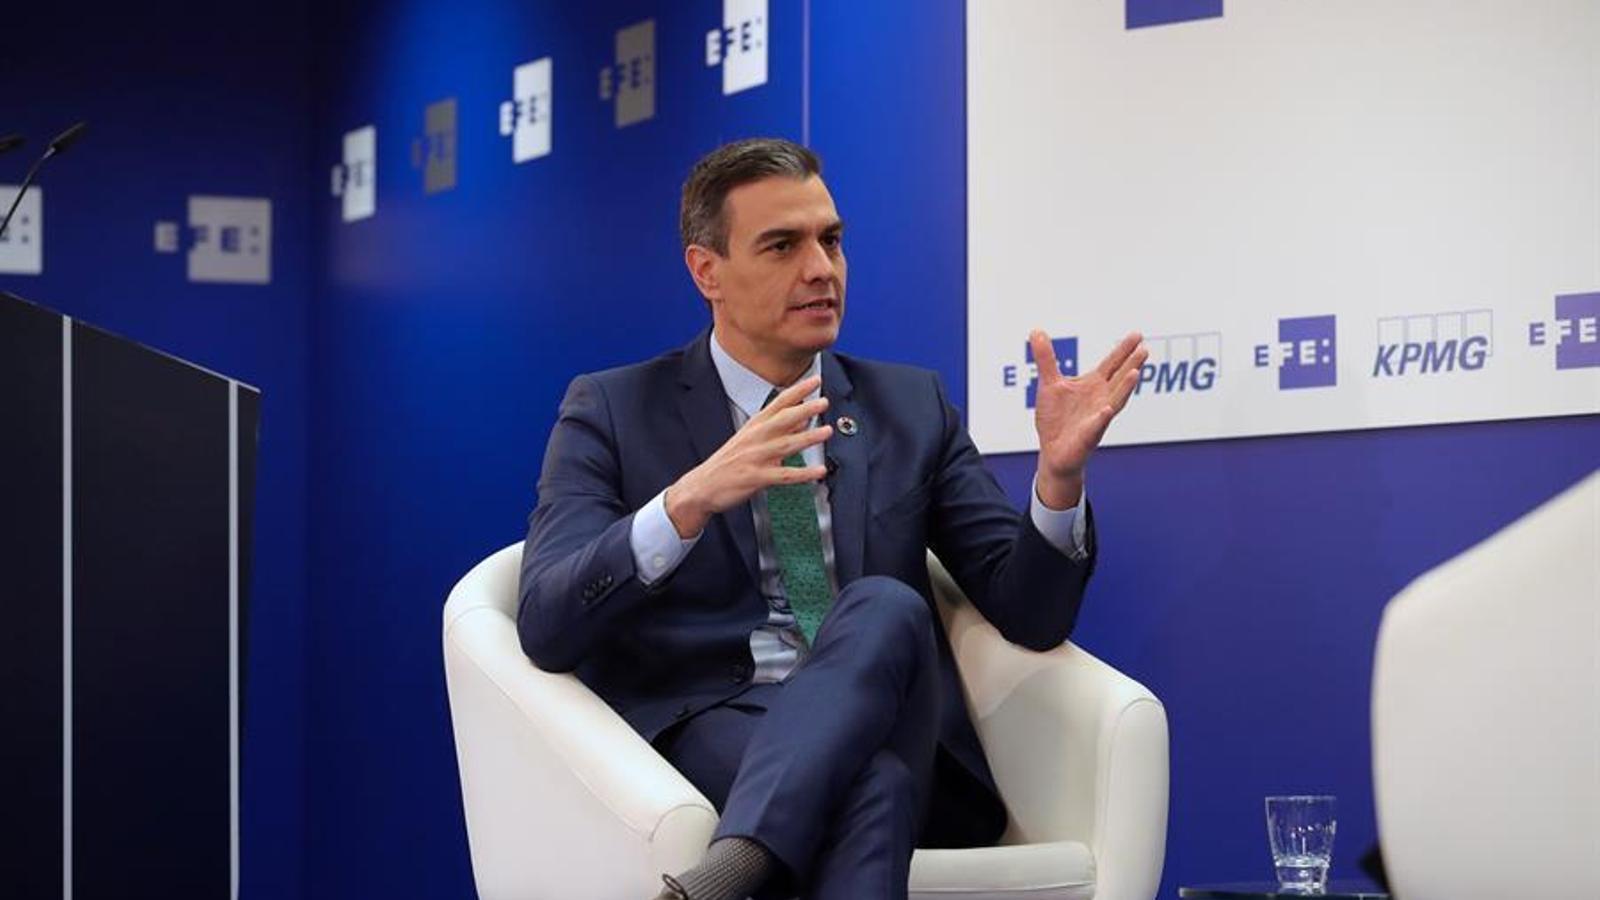 El president del govern espanyol, Pedro Sánchez, durant l'acte aquest dimecres.